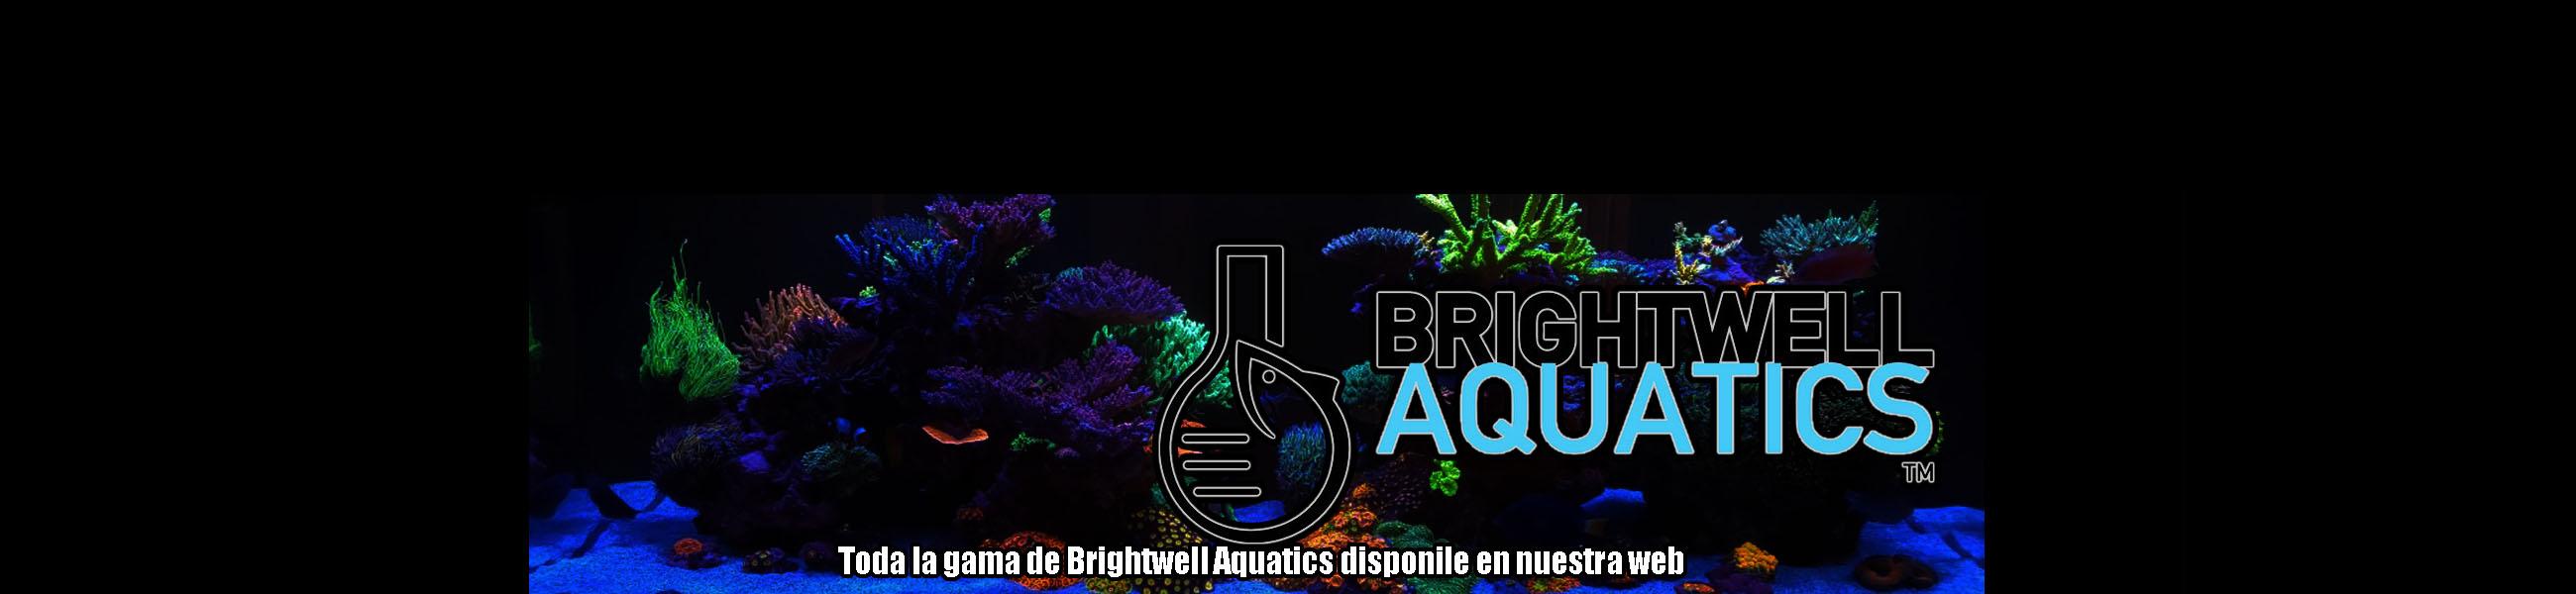 BarcelonaReef | Tienda de acuarios marinos en Barcelona